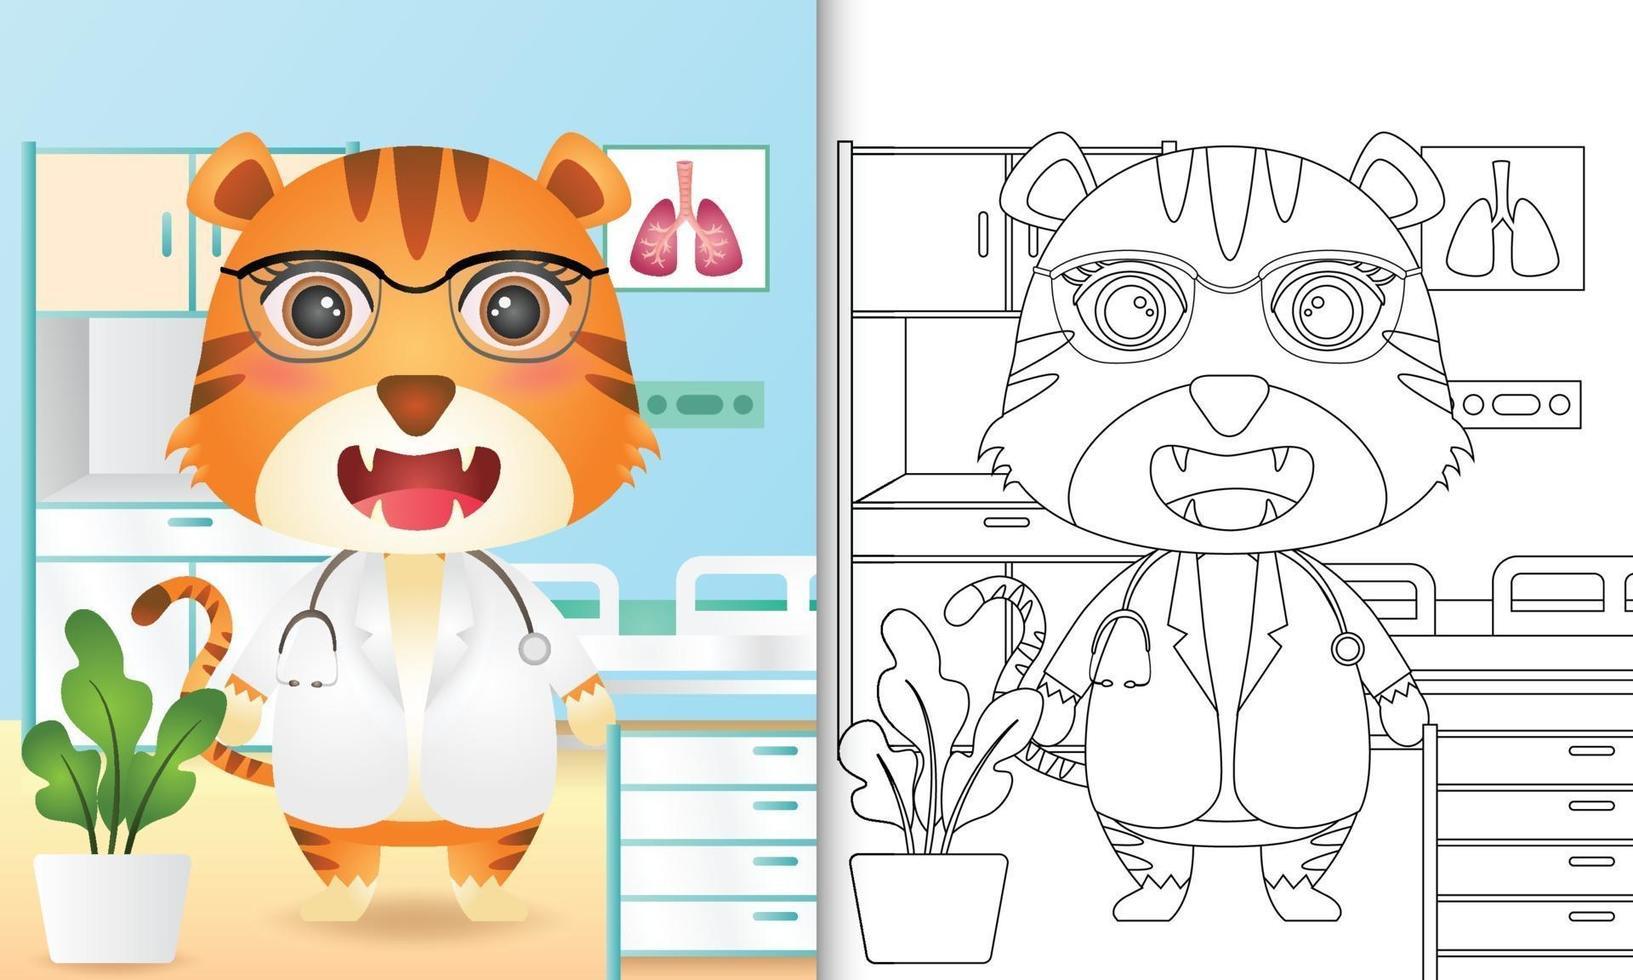 livre de coloriage pour les enfants avec une illustration de personnage mignon docteur tigre vecteur